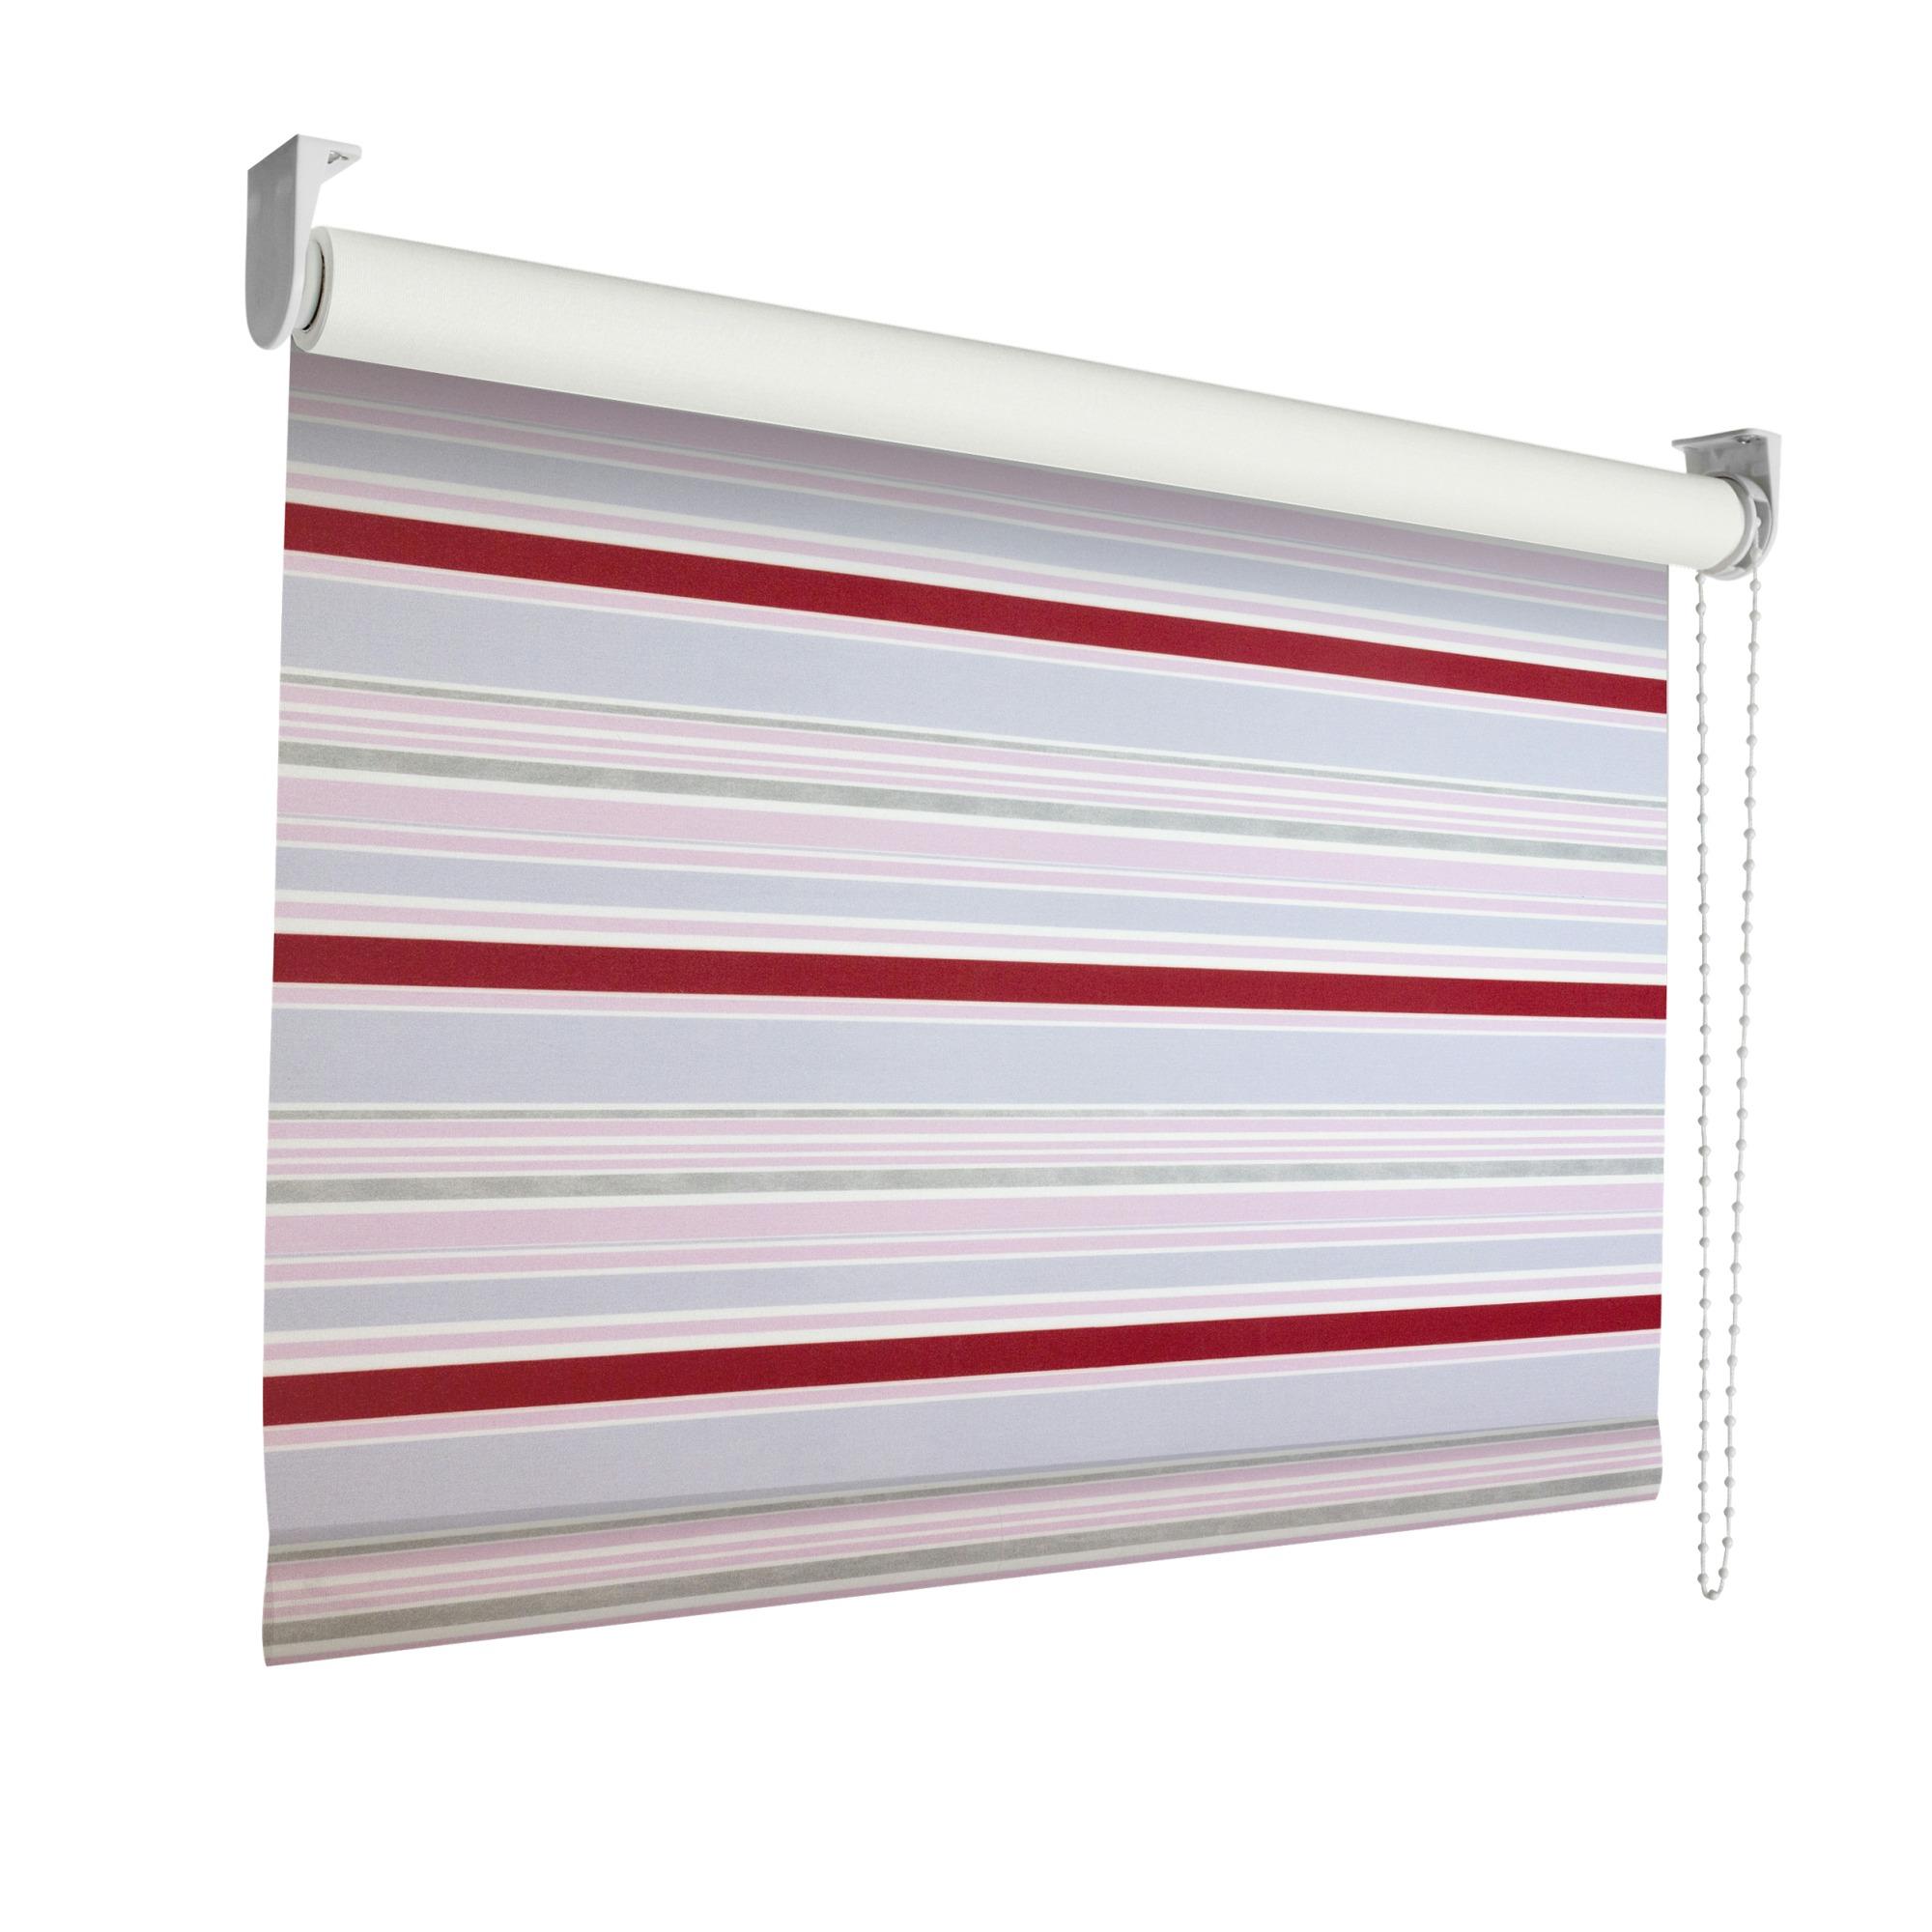 KARWEI rolgordijn verduisterend 60×190 cm 3596 streep grijs roze rood   Rolgordijnen